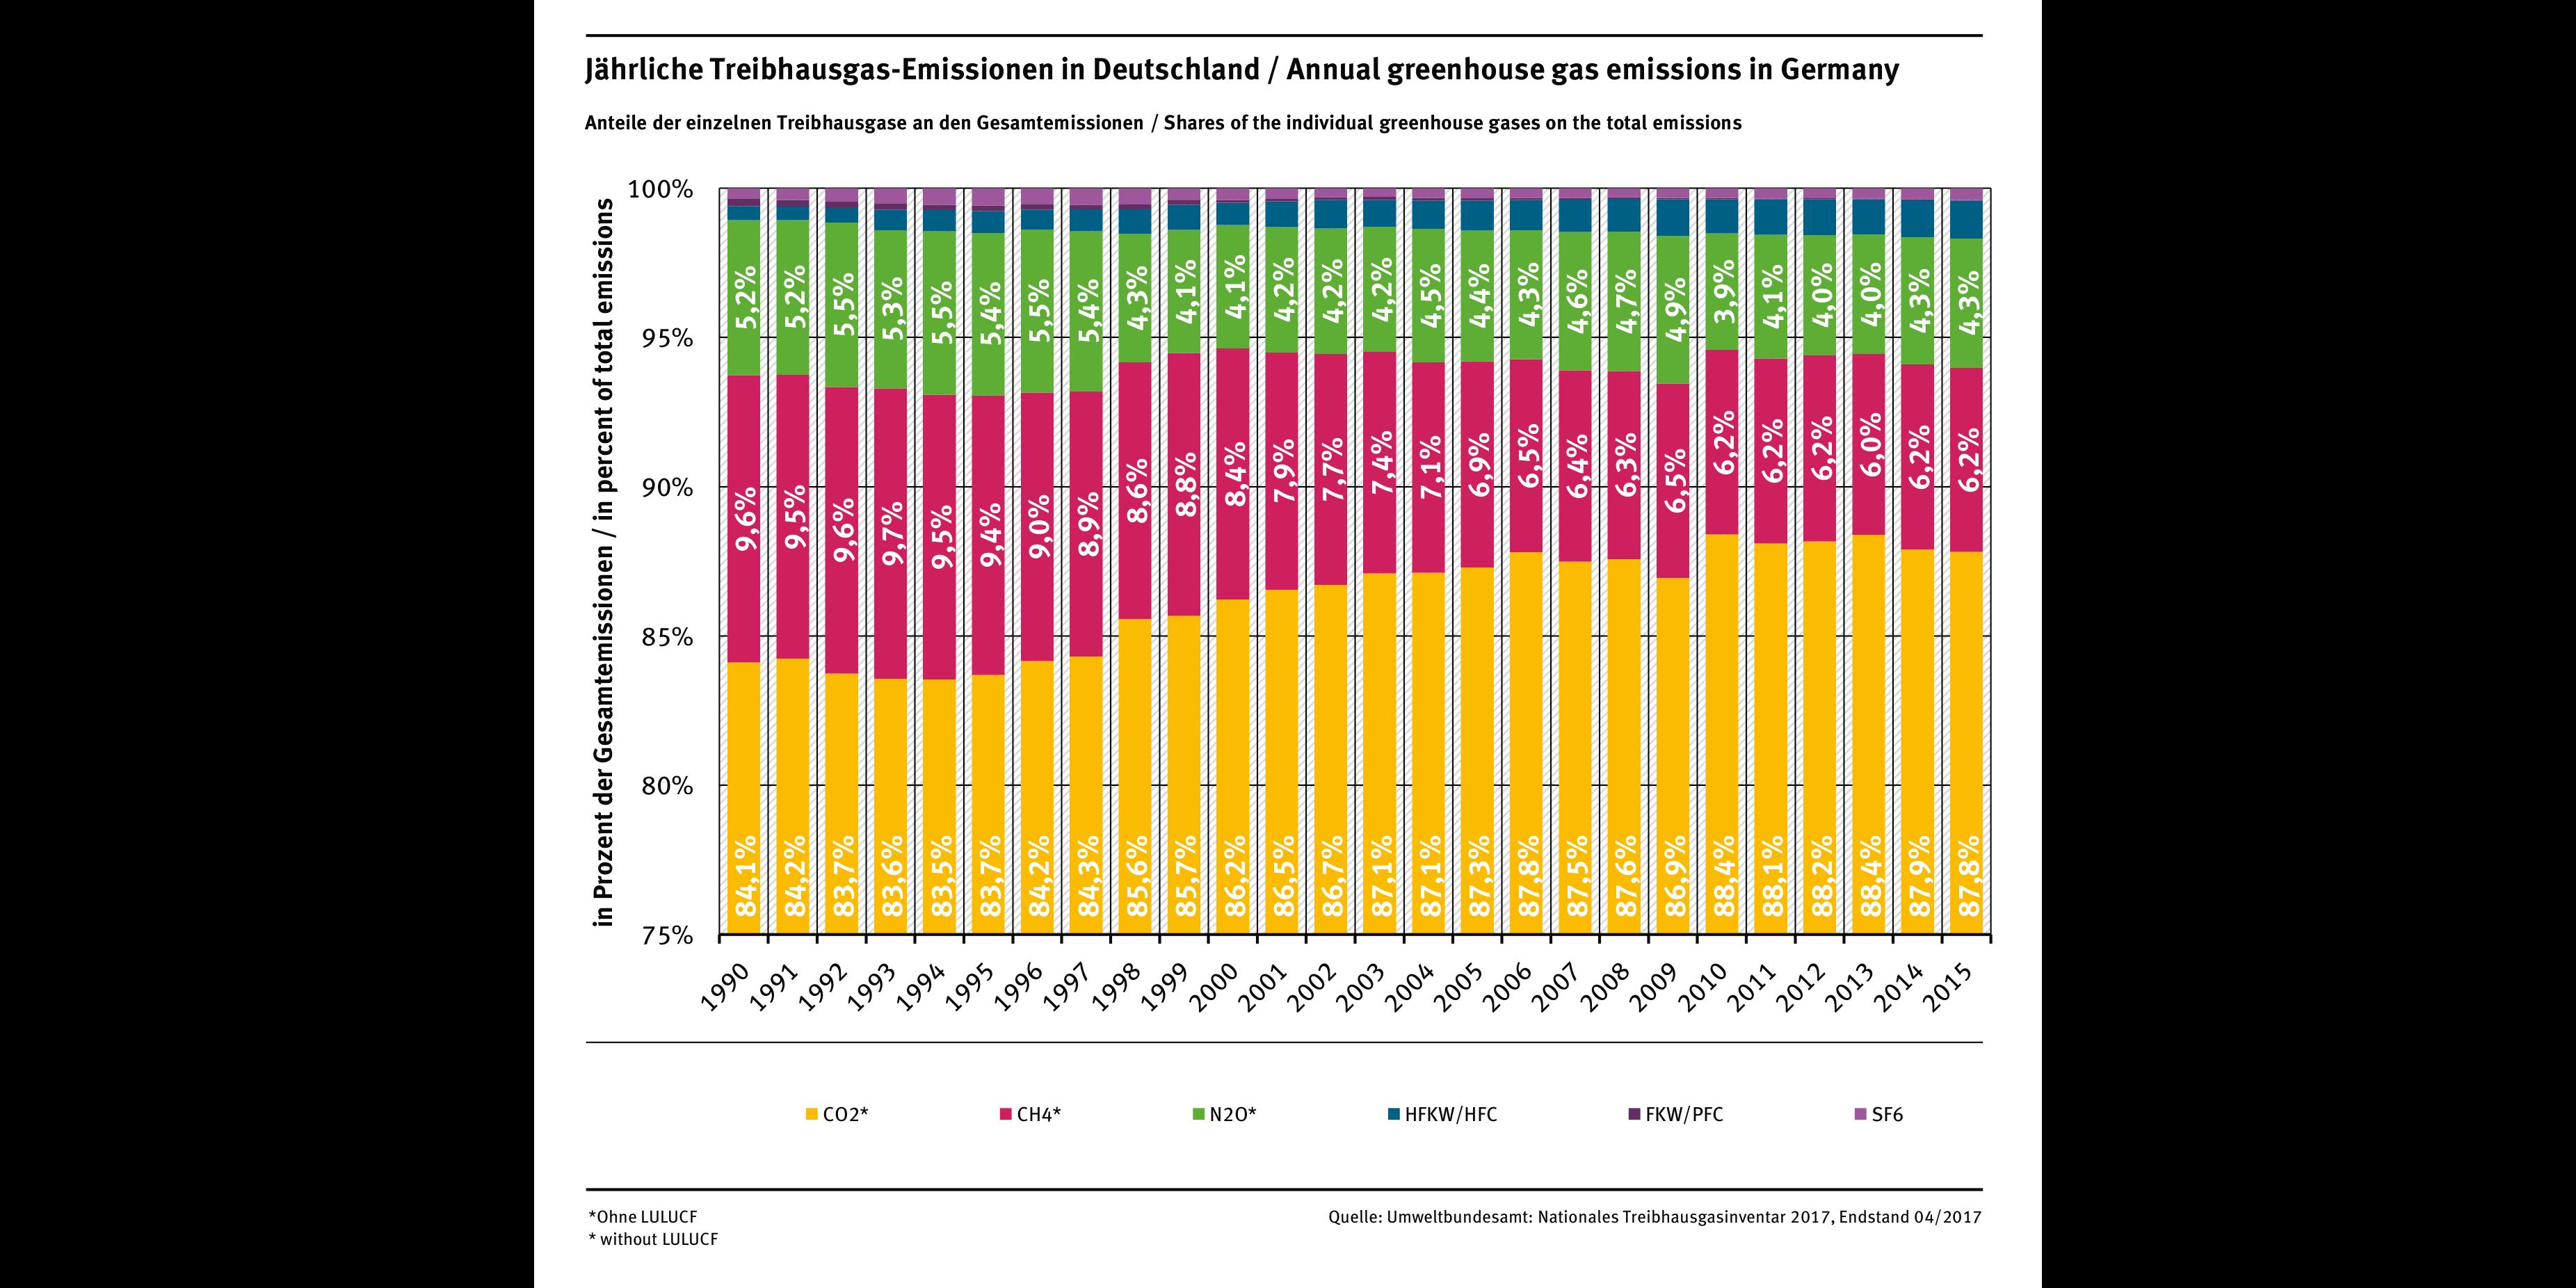 Säulendiagramm: Im Jahr 2015 hatte CO2 mit 87,8% den größten Anteil an den Treibhausgasemissionen Deutschlands, dann folgen CH4 mit 6,2% und N2O mit 4,3%. Noch geringer ist der Anteil von HFKW/HFC sowie SF6